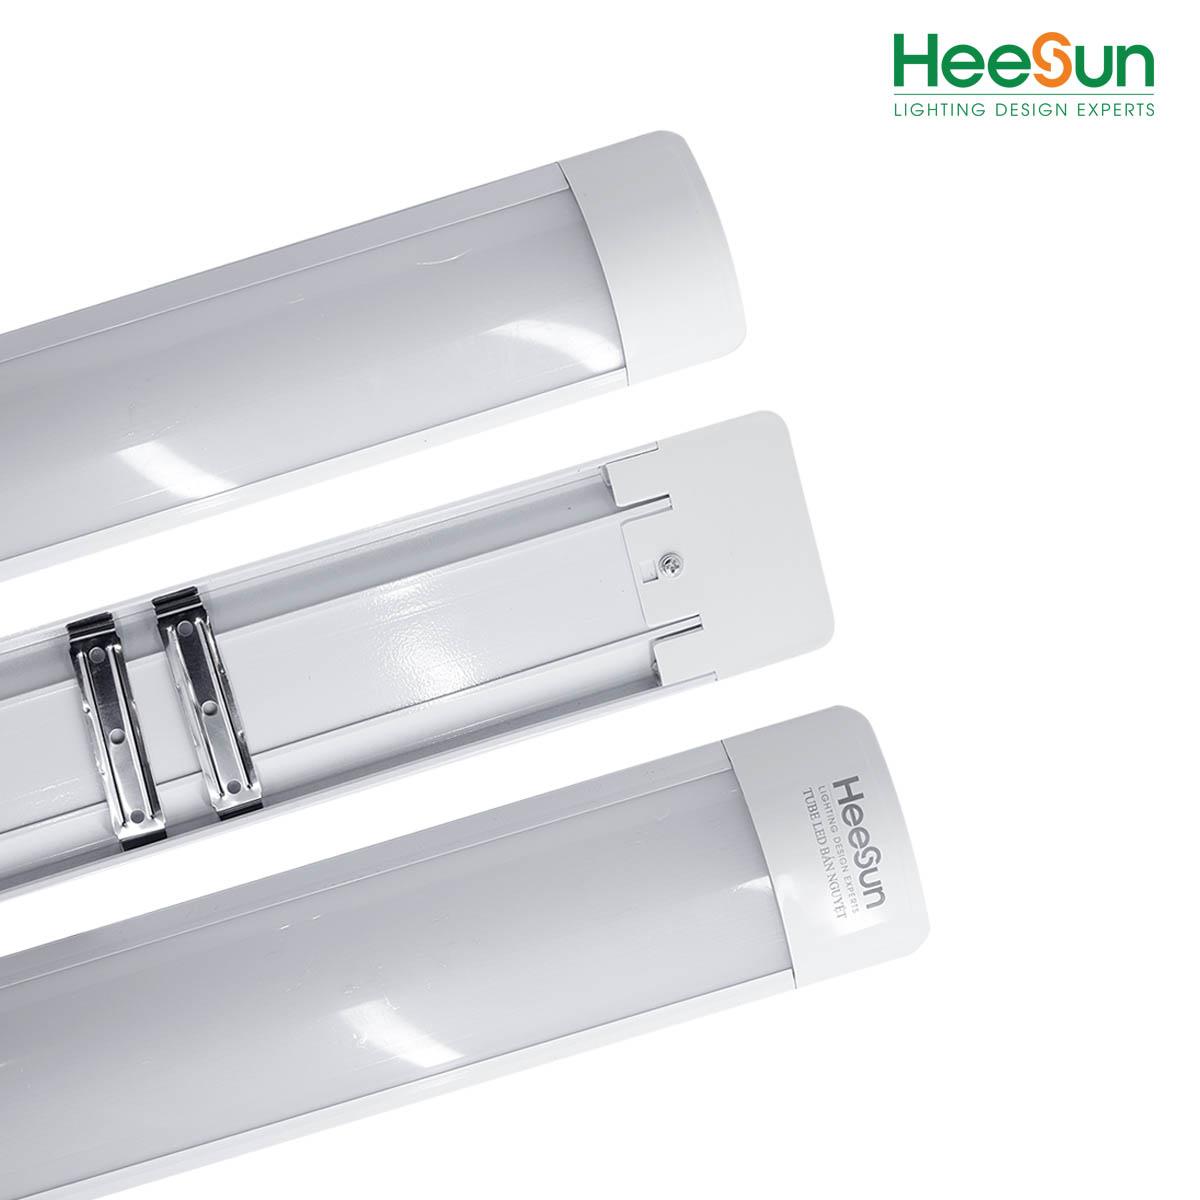 Đèn LED Tuýp bán nguyệt HS-TBN40 - HEESUN VIỆT NAM